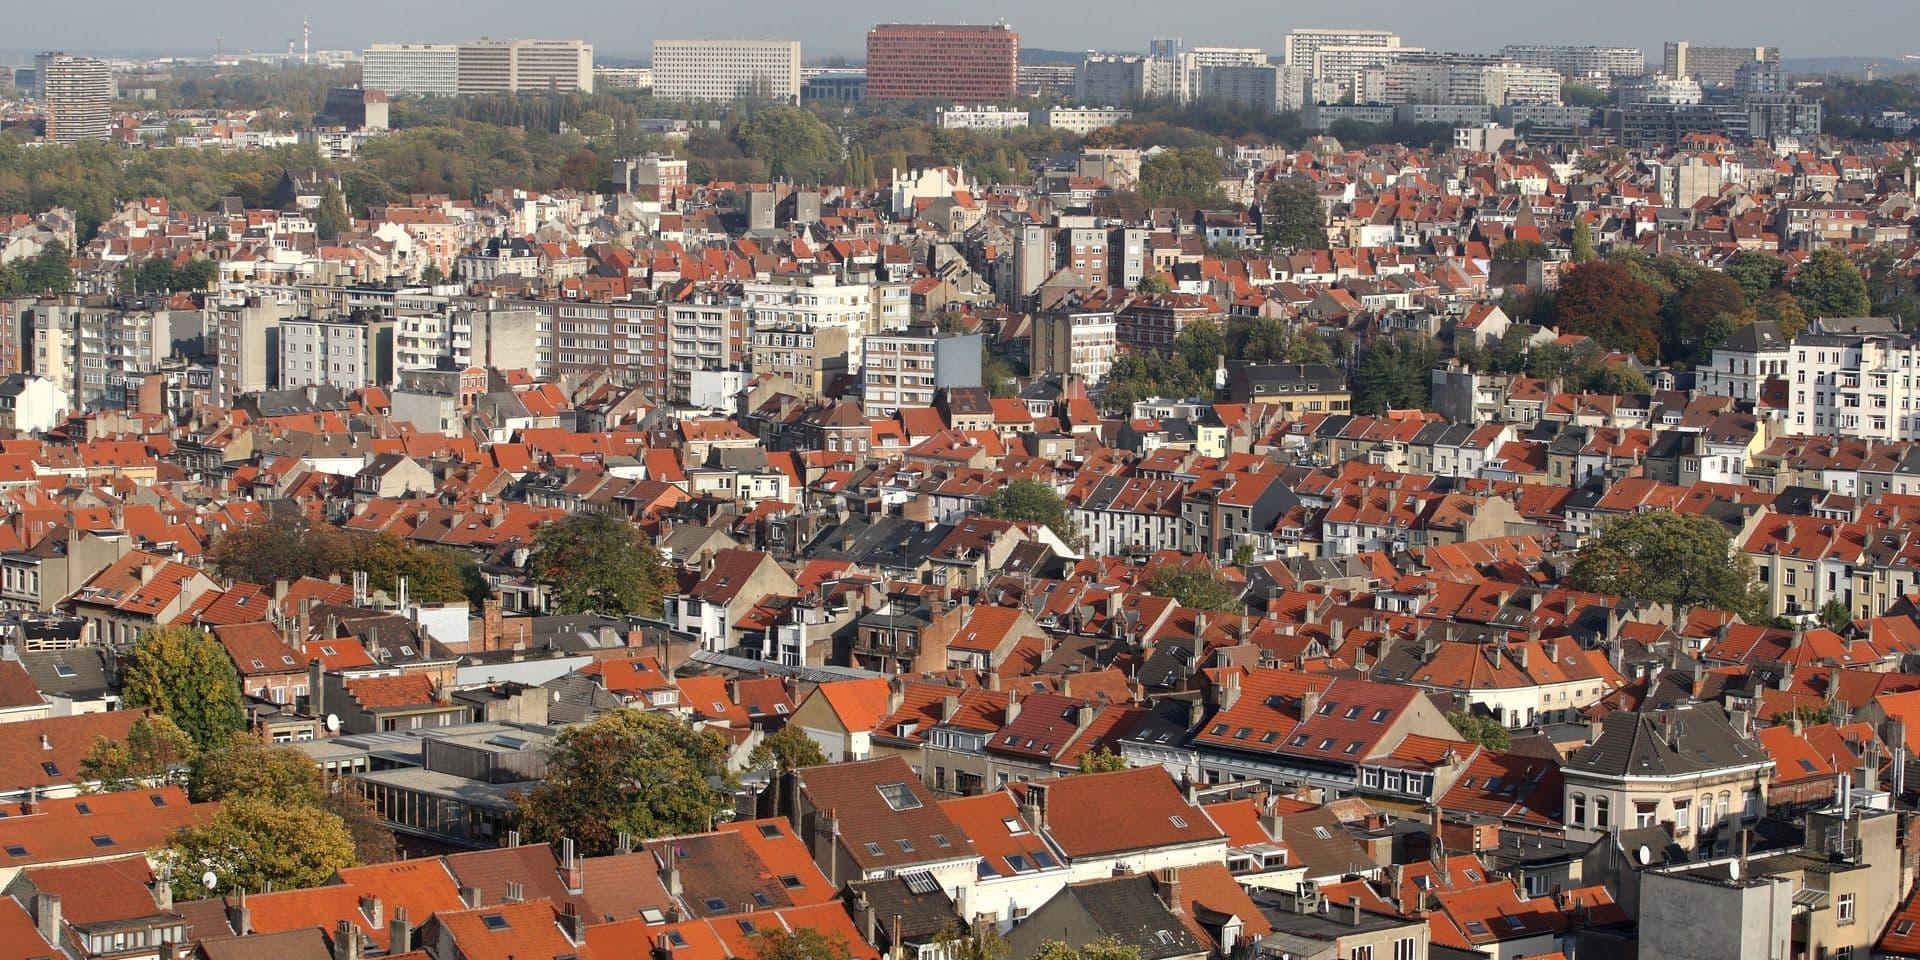 Immobilier : le prix de la maison moyenne du Belge a son plus haut niveau depuis cinq ans